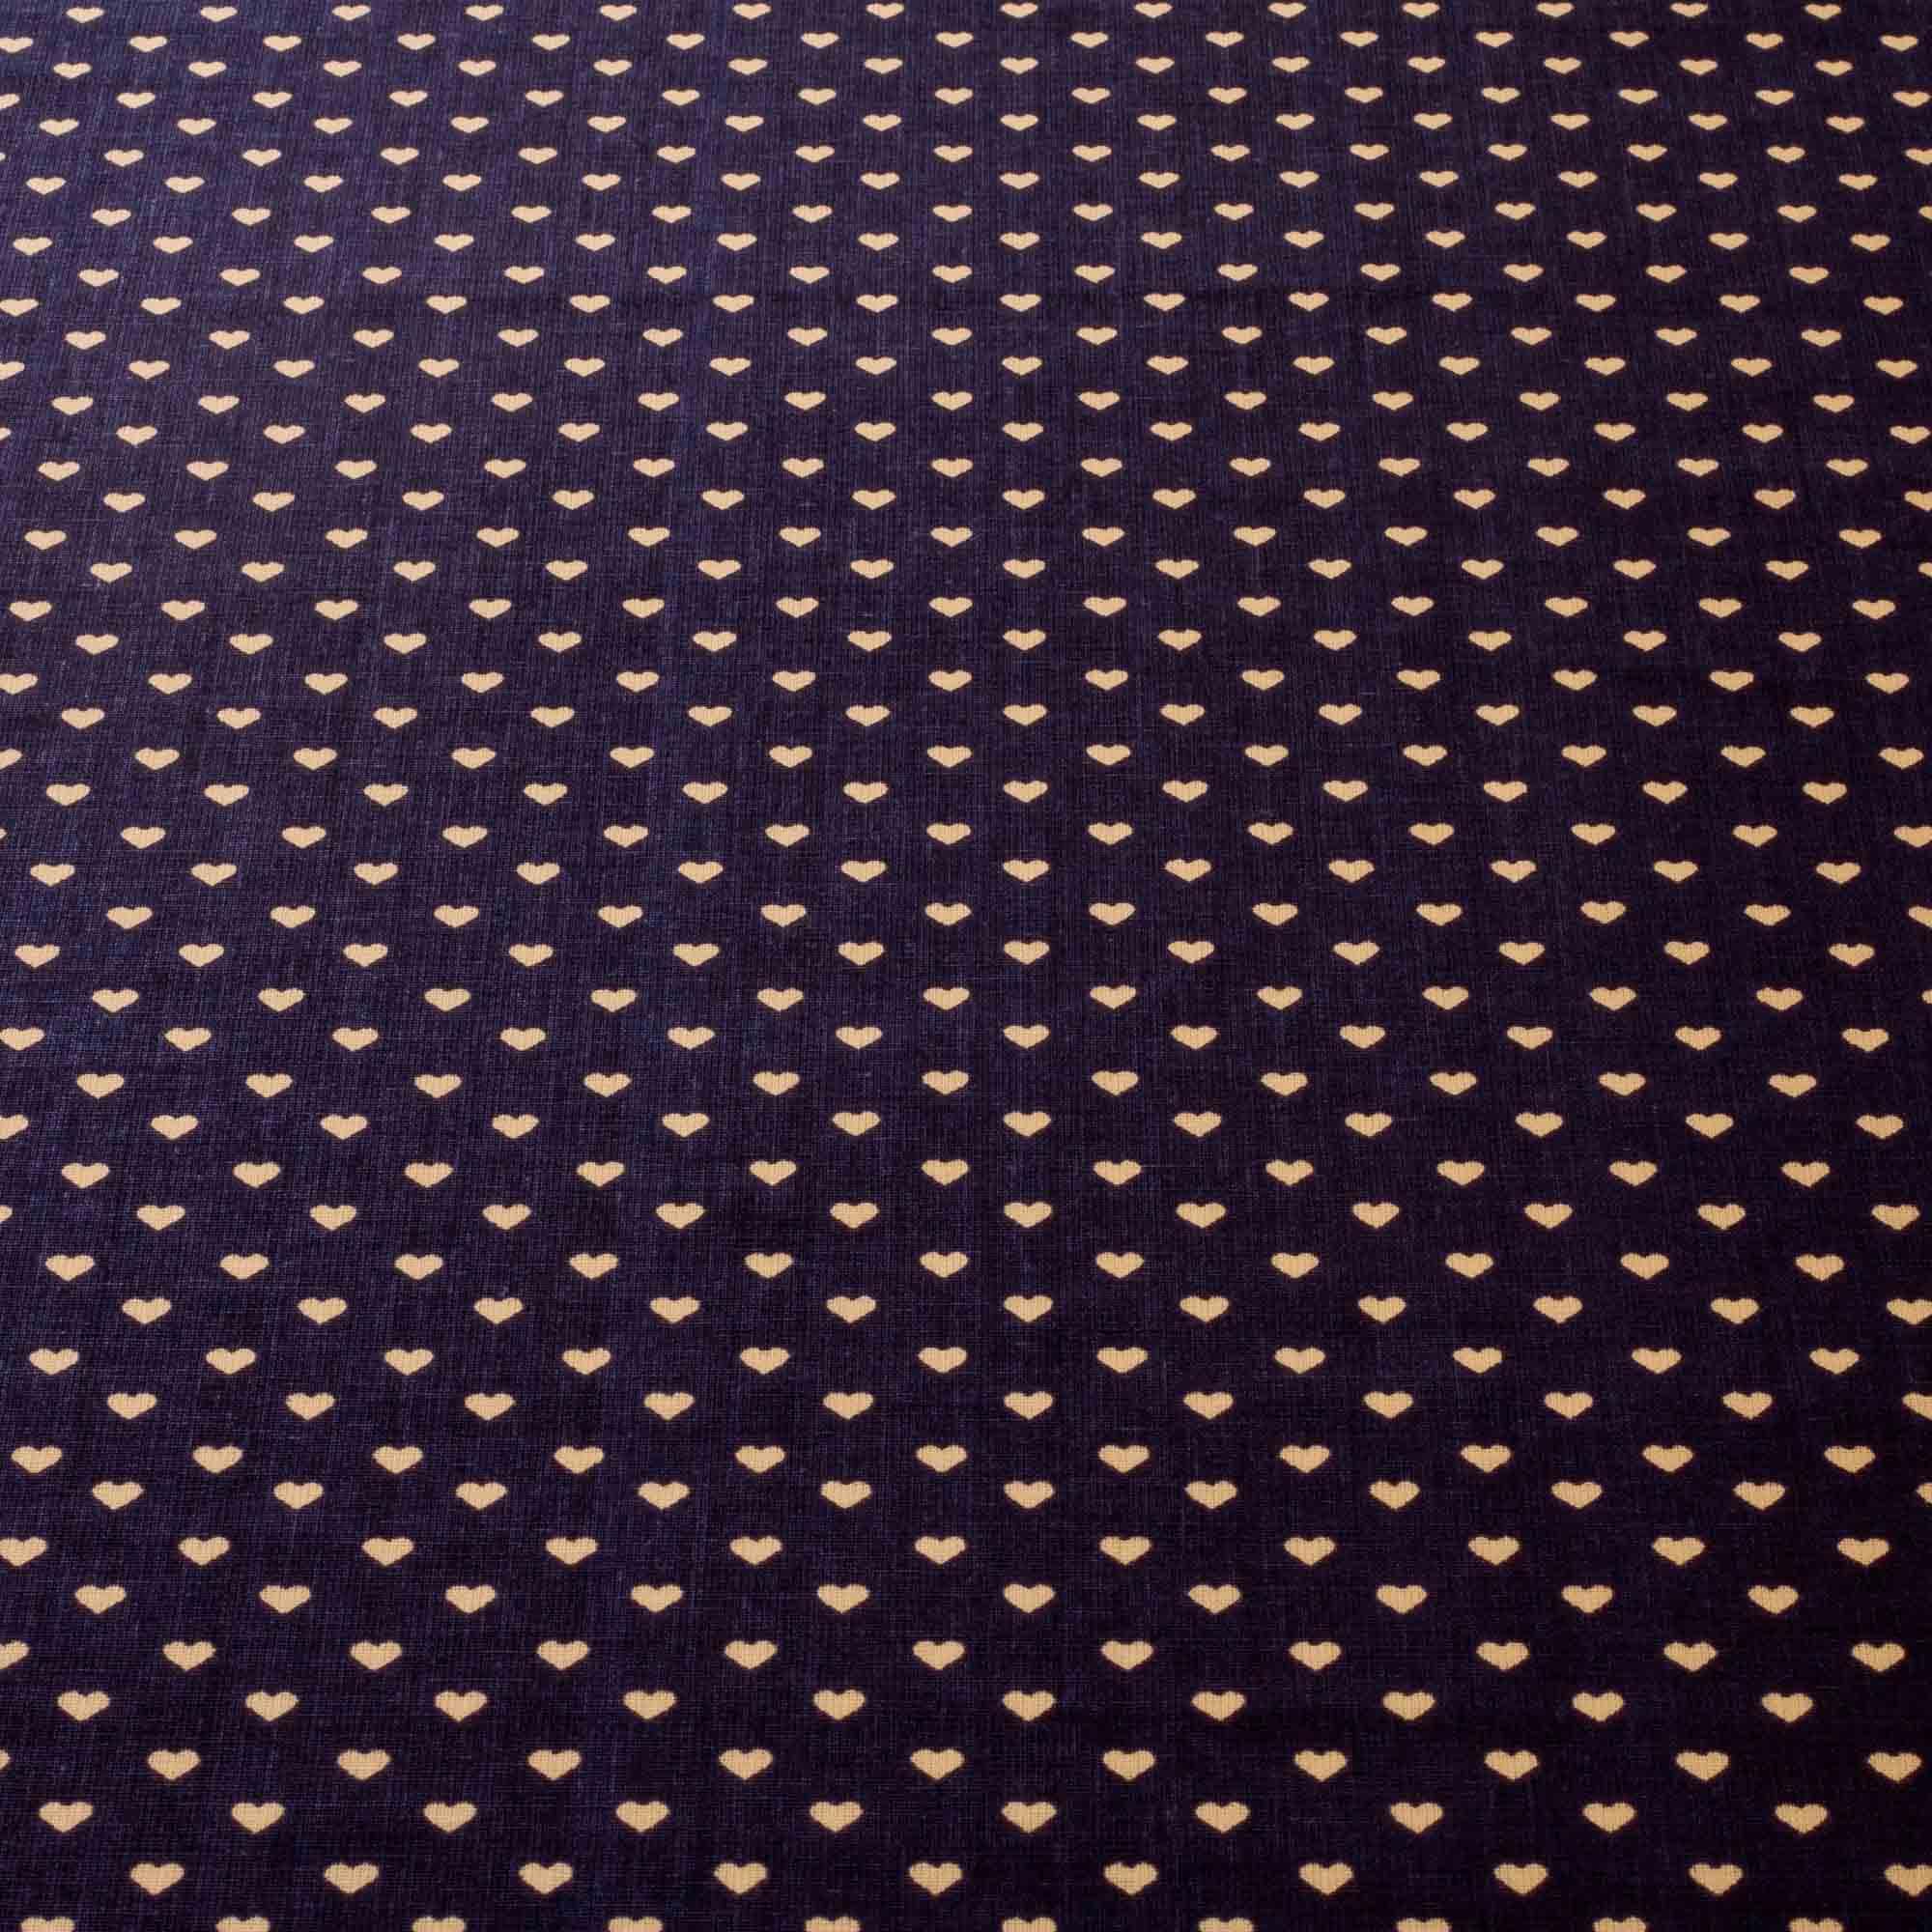 Tecido tricoline estampado coração 1,40 m largura marinho